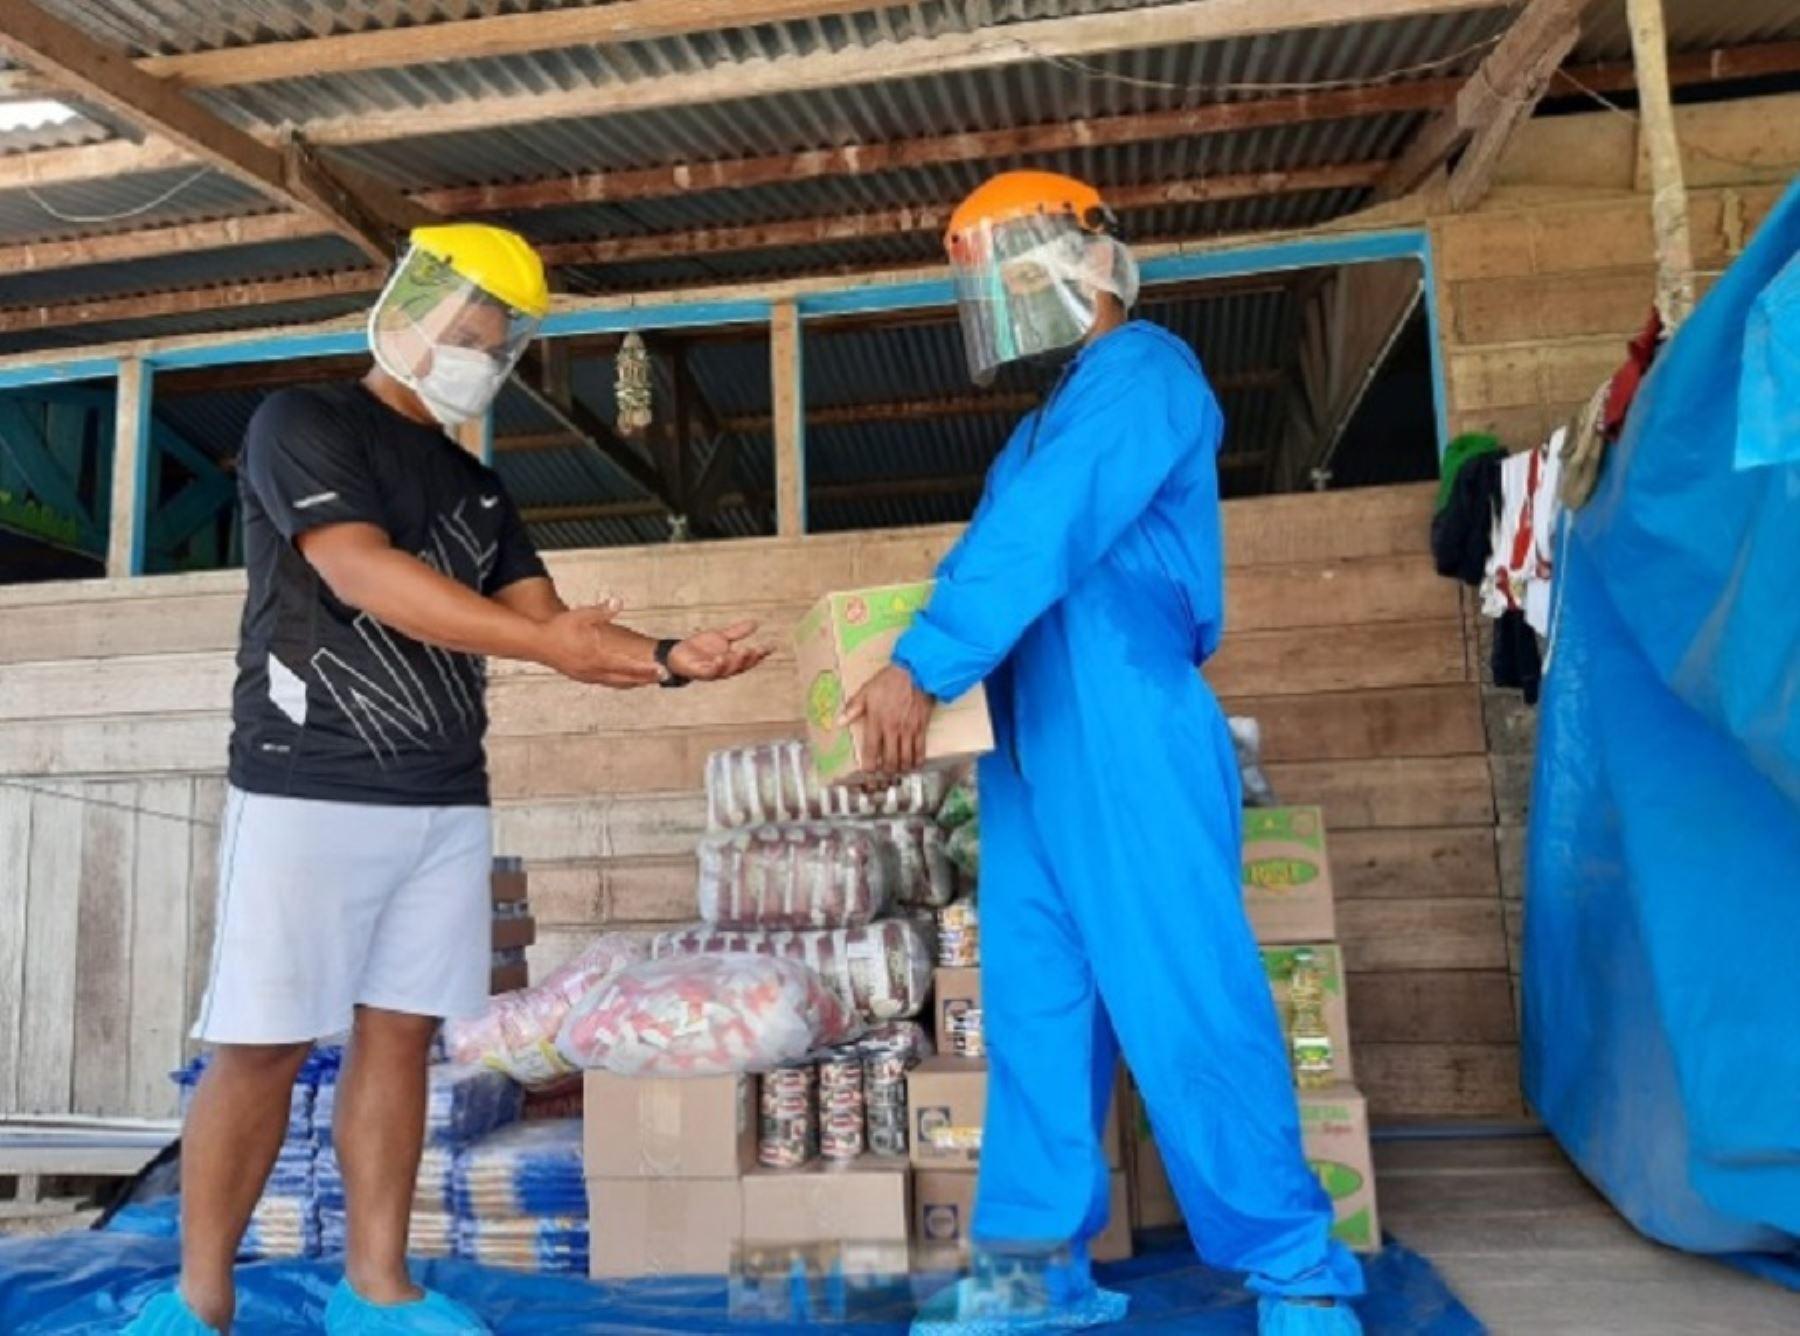 El Programa Nacional de Alimentación Escolar Qali Warma inició la entrega de 52.3 toneladas de alimentos de calidad e inocuos para atender a 5,424 mujeres y hombres en situación de vulnerabilidad pertenecientes a 35 comunidades indígenas en las provincias de Tambopata, Tahuamanu y Manu.  Foto: Qali Warma/Midis